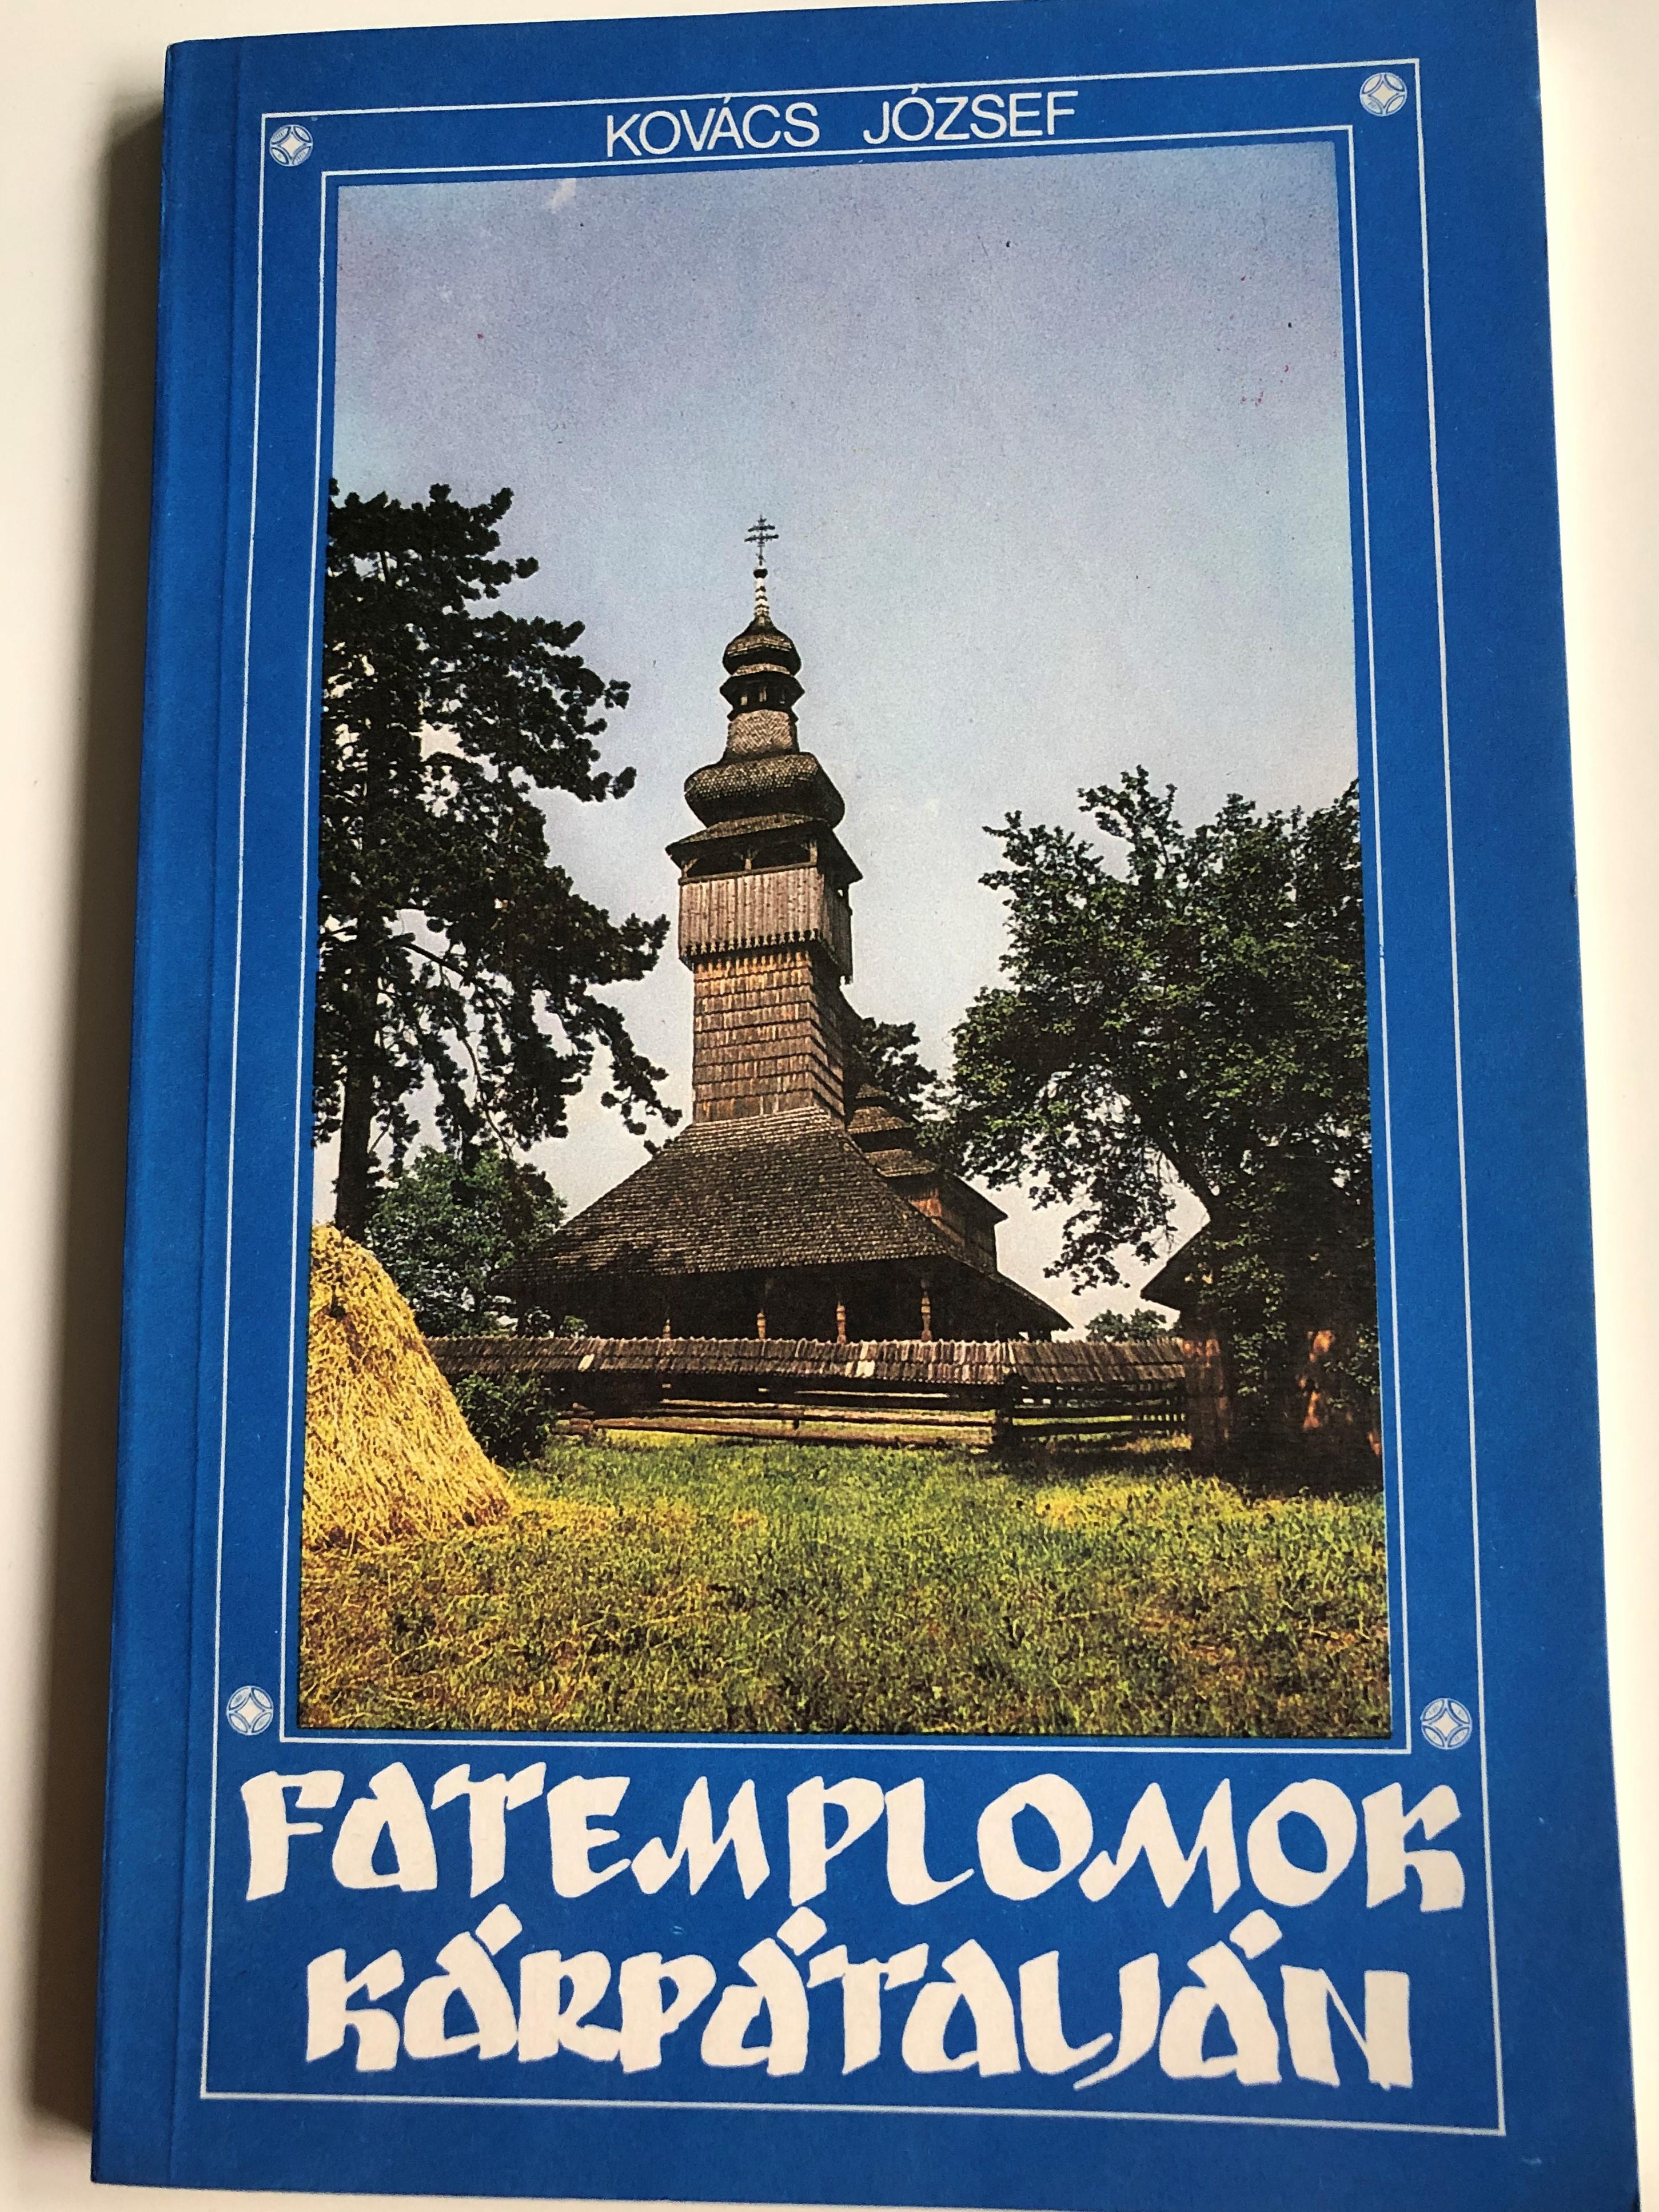 fatemplomok-k-rp-talj-n-by-kov-cs-j-zsef-wooden-church-building-in-transcarpathia-tk-1990-1-.jpg